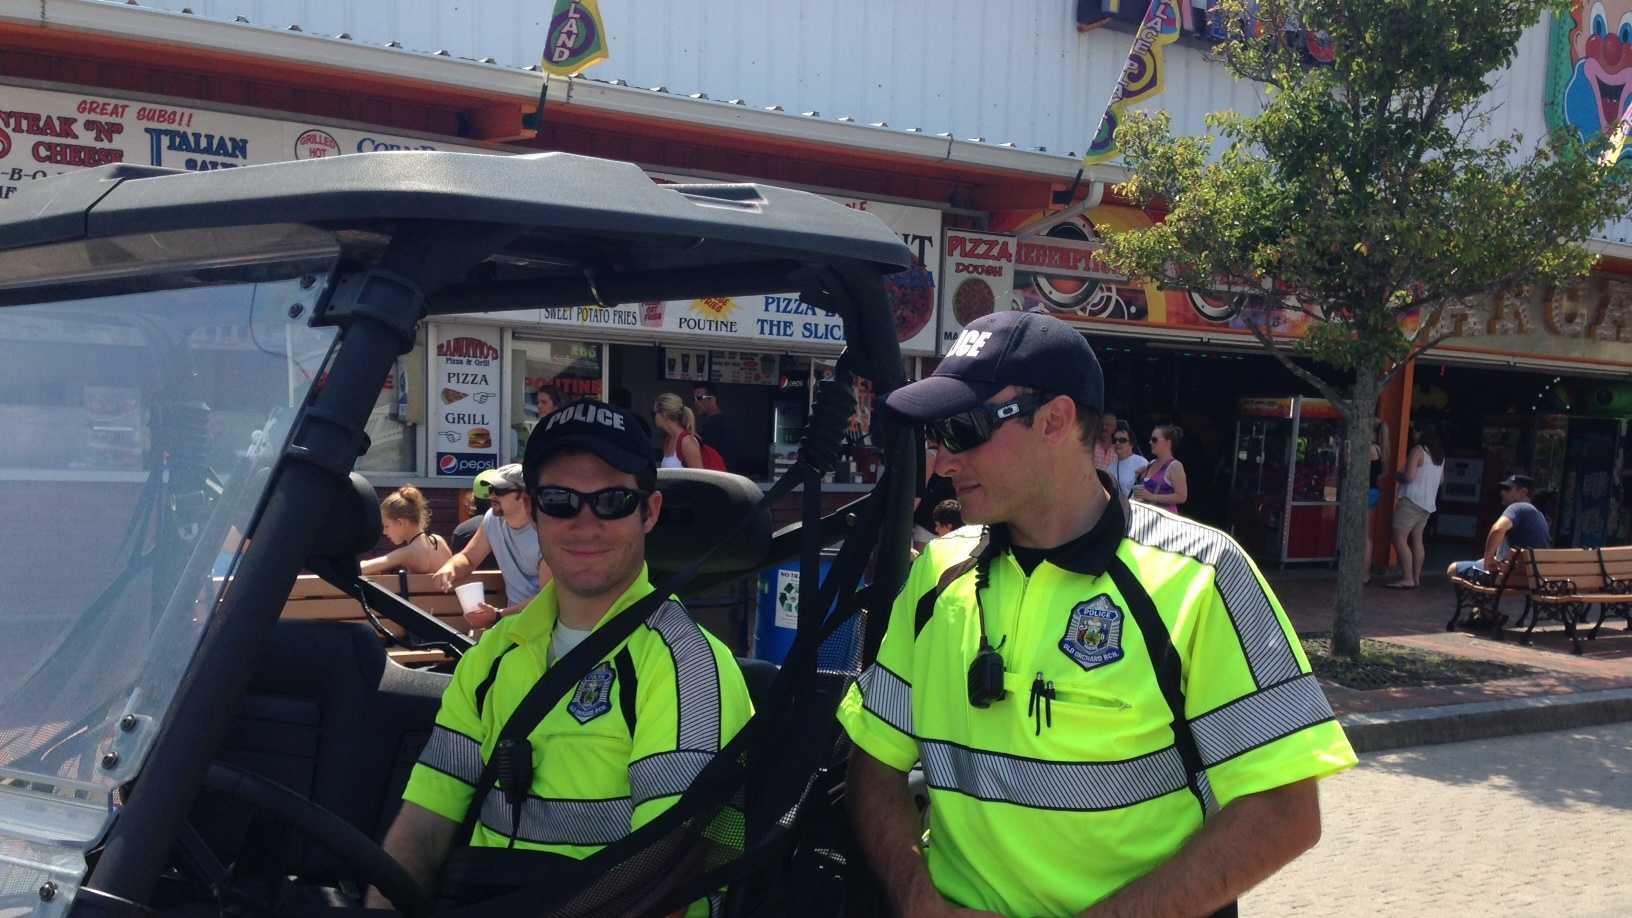 OOB Officers.JPG